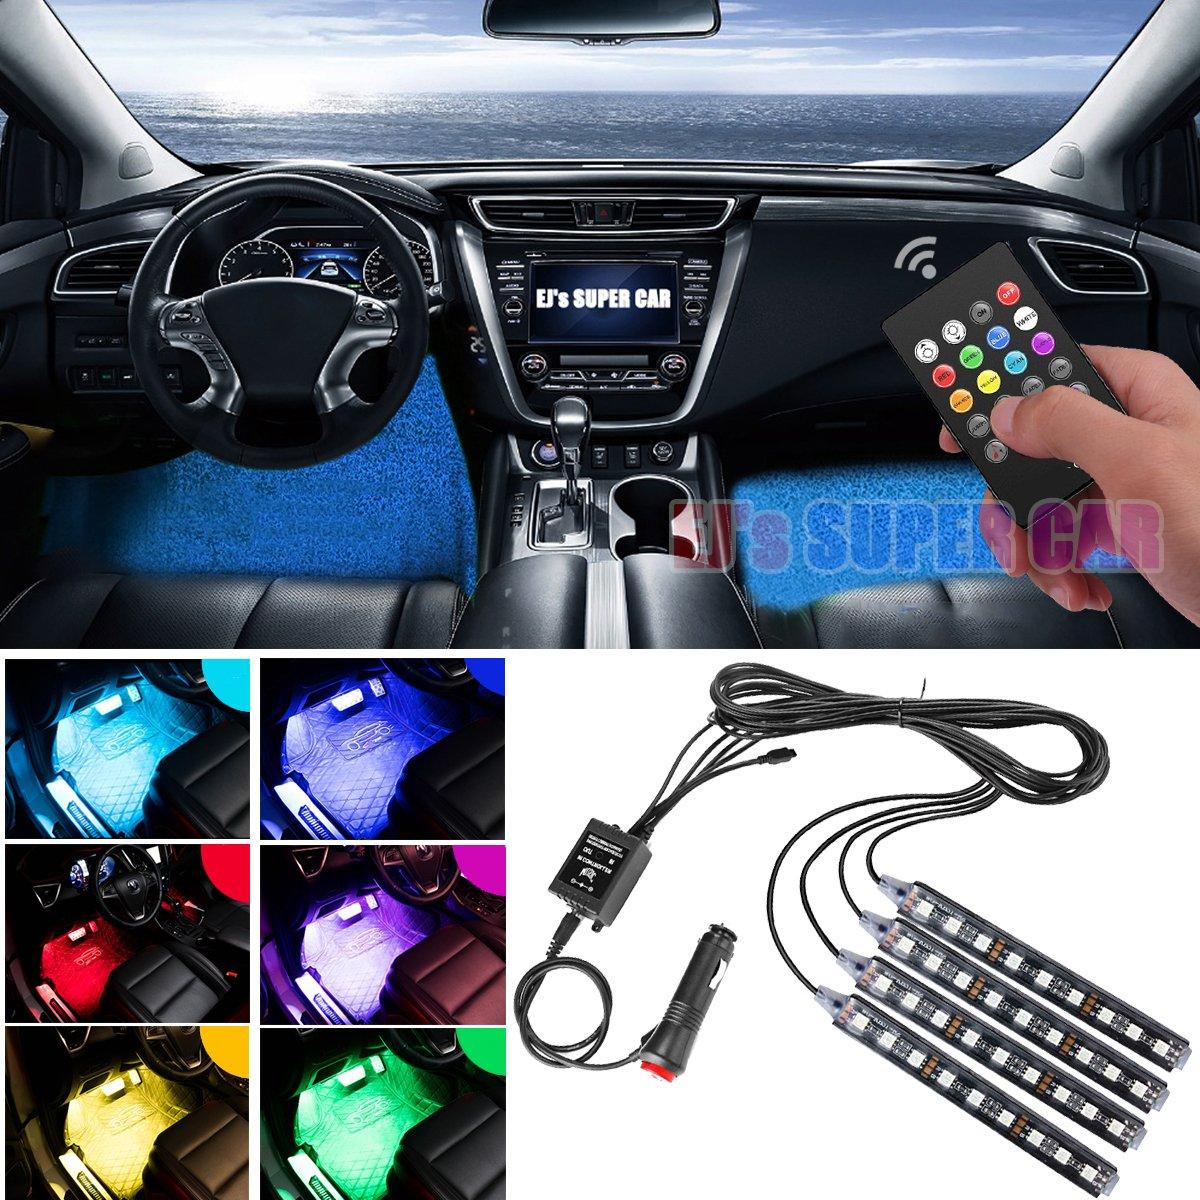 Buy Car LED Strip Light, EJs SUPER CAR 4pcs 36 LED Car